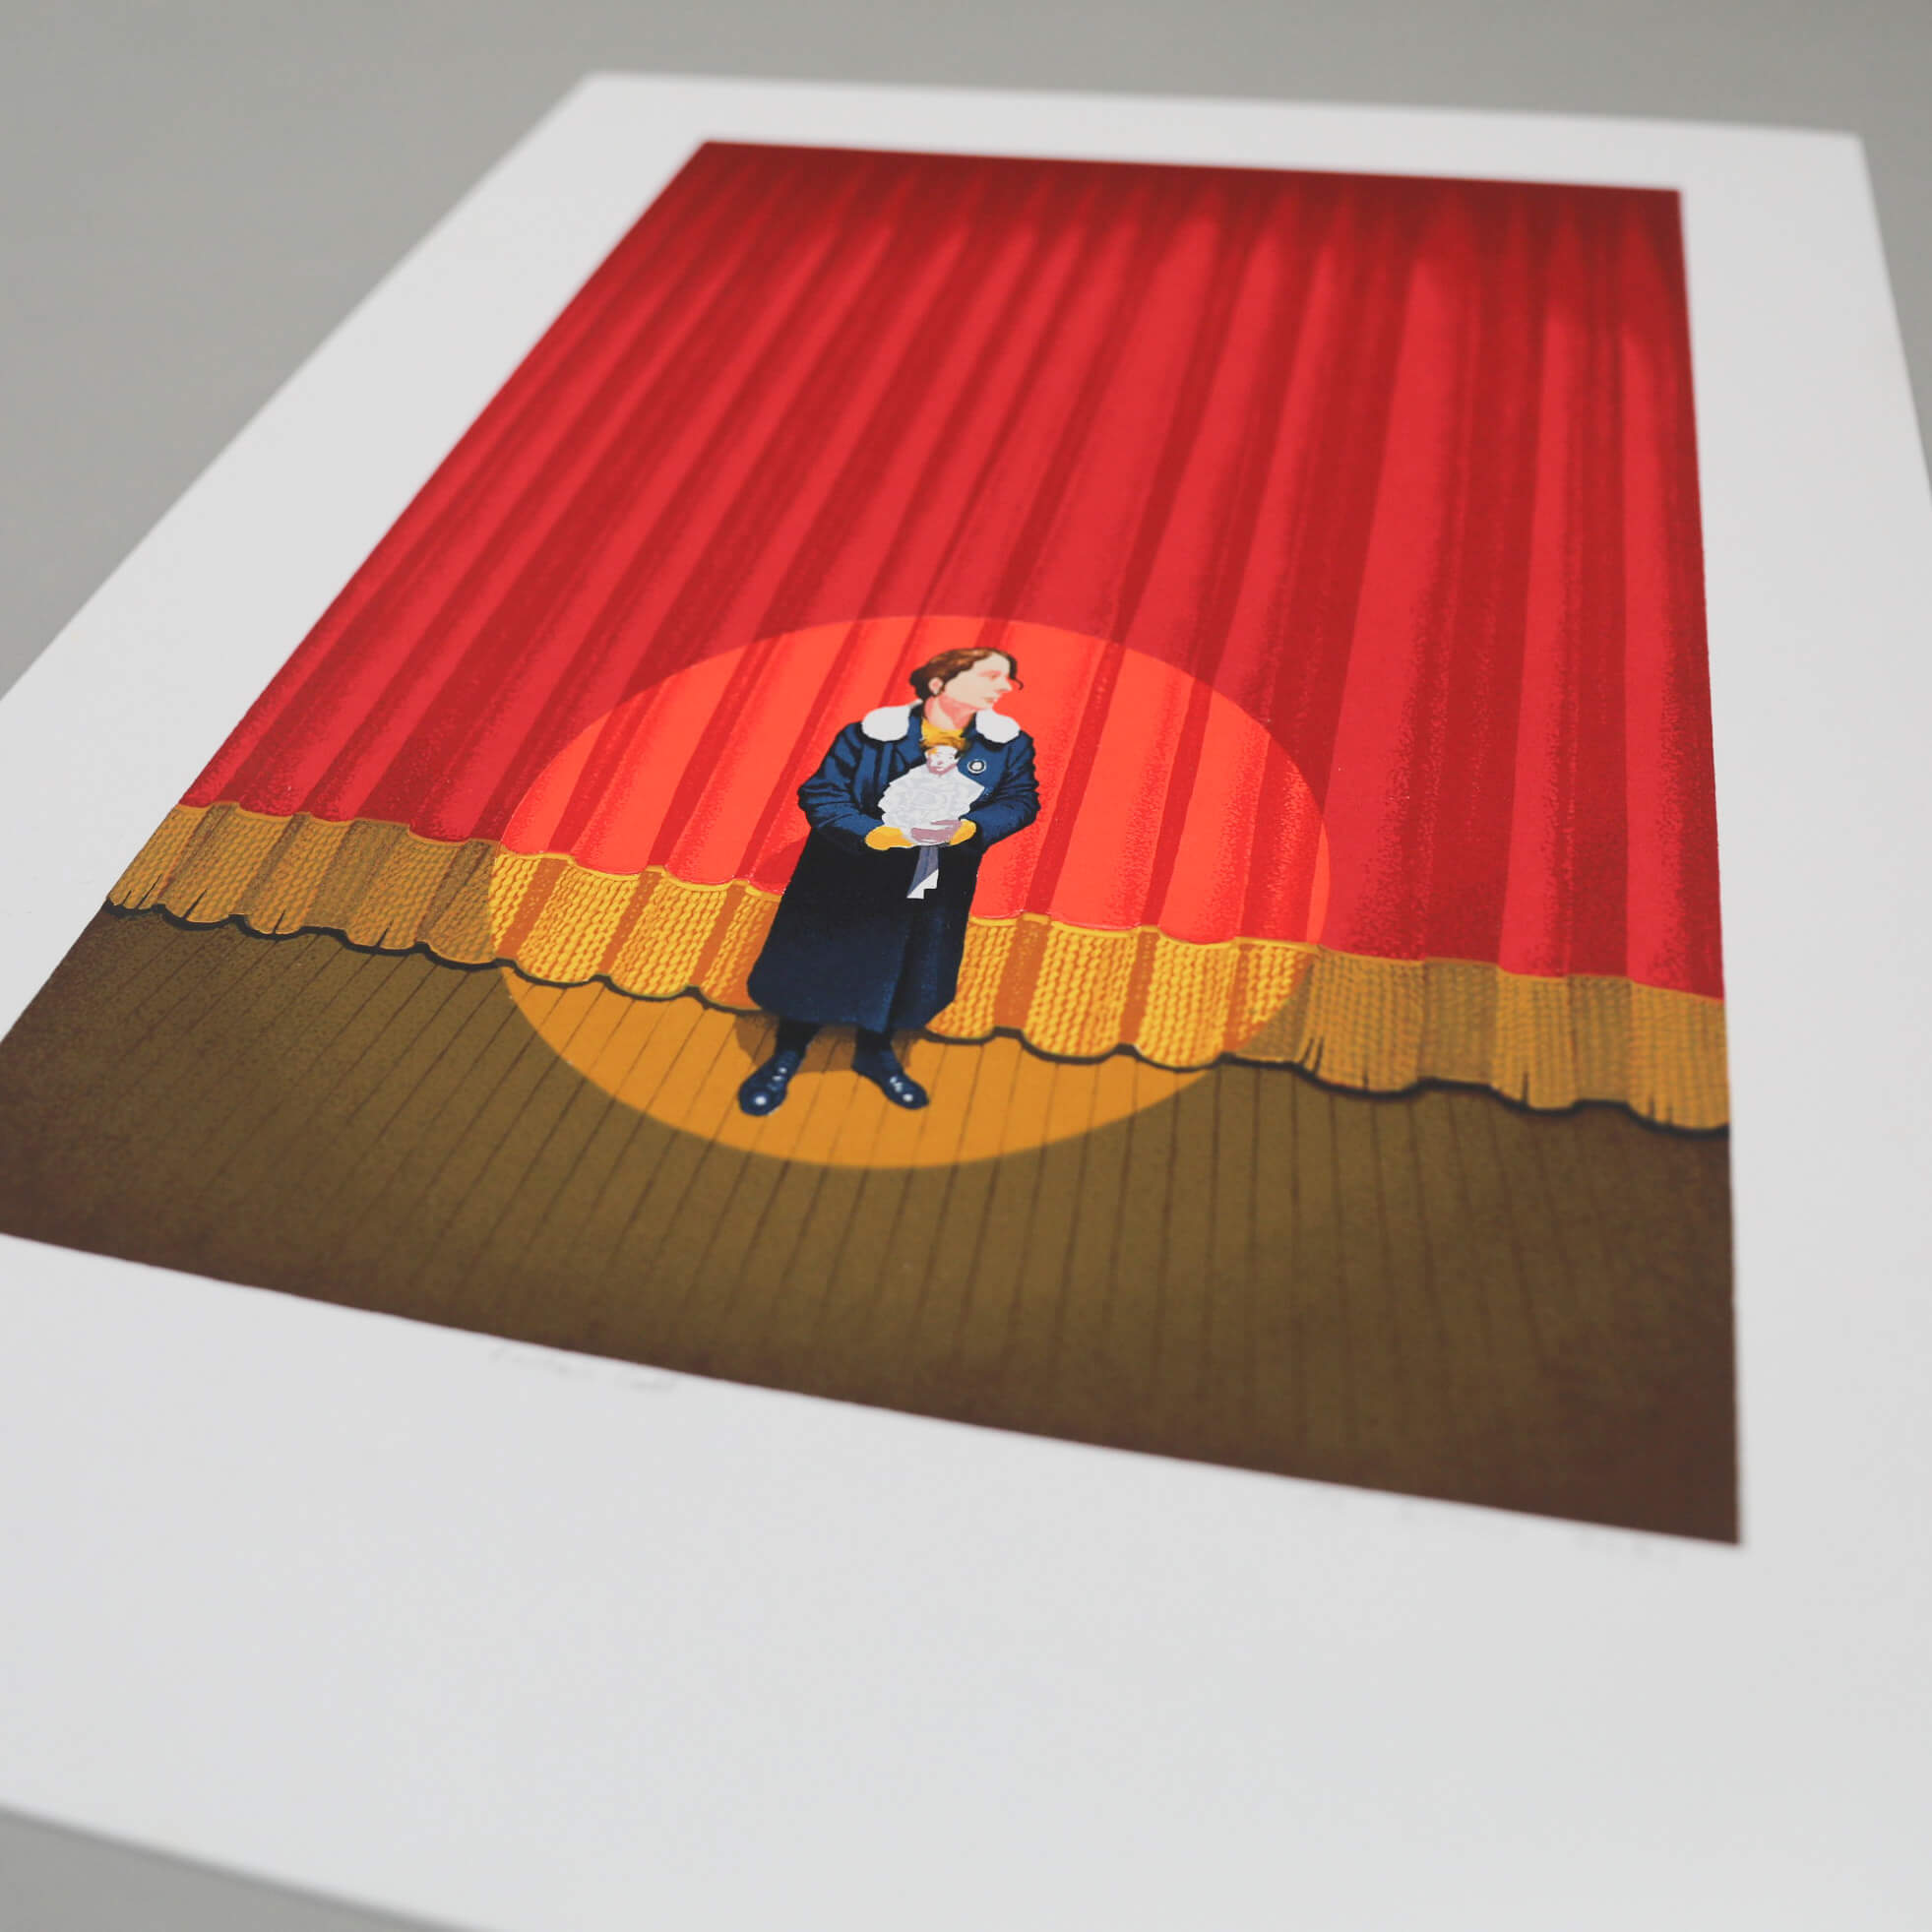 N58A0734 - Curtain Call by Martin Grover